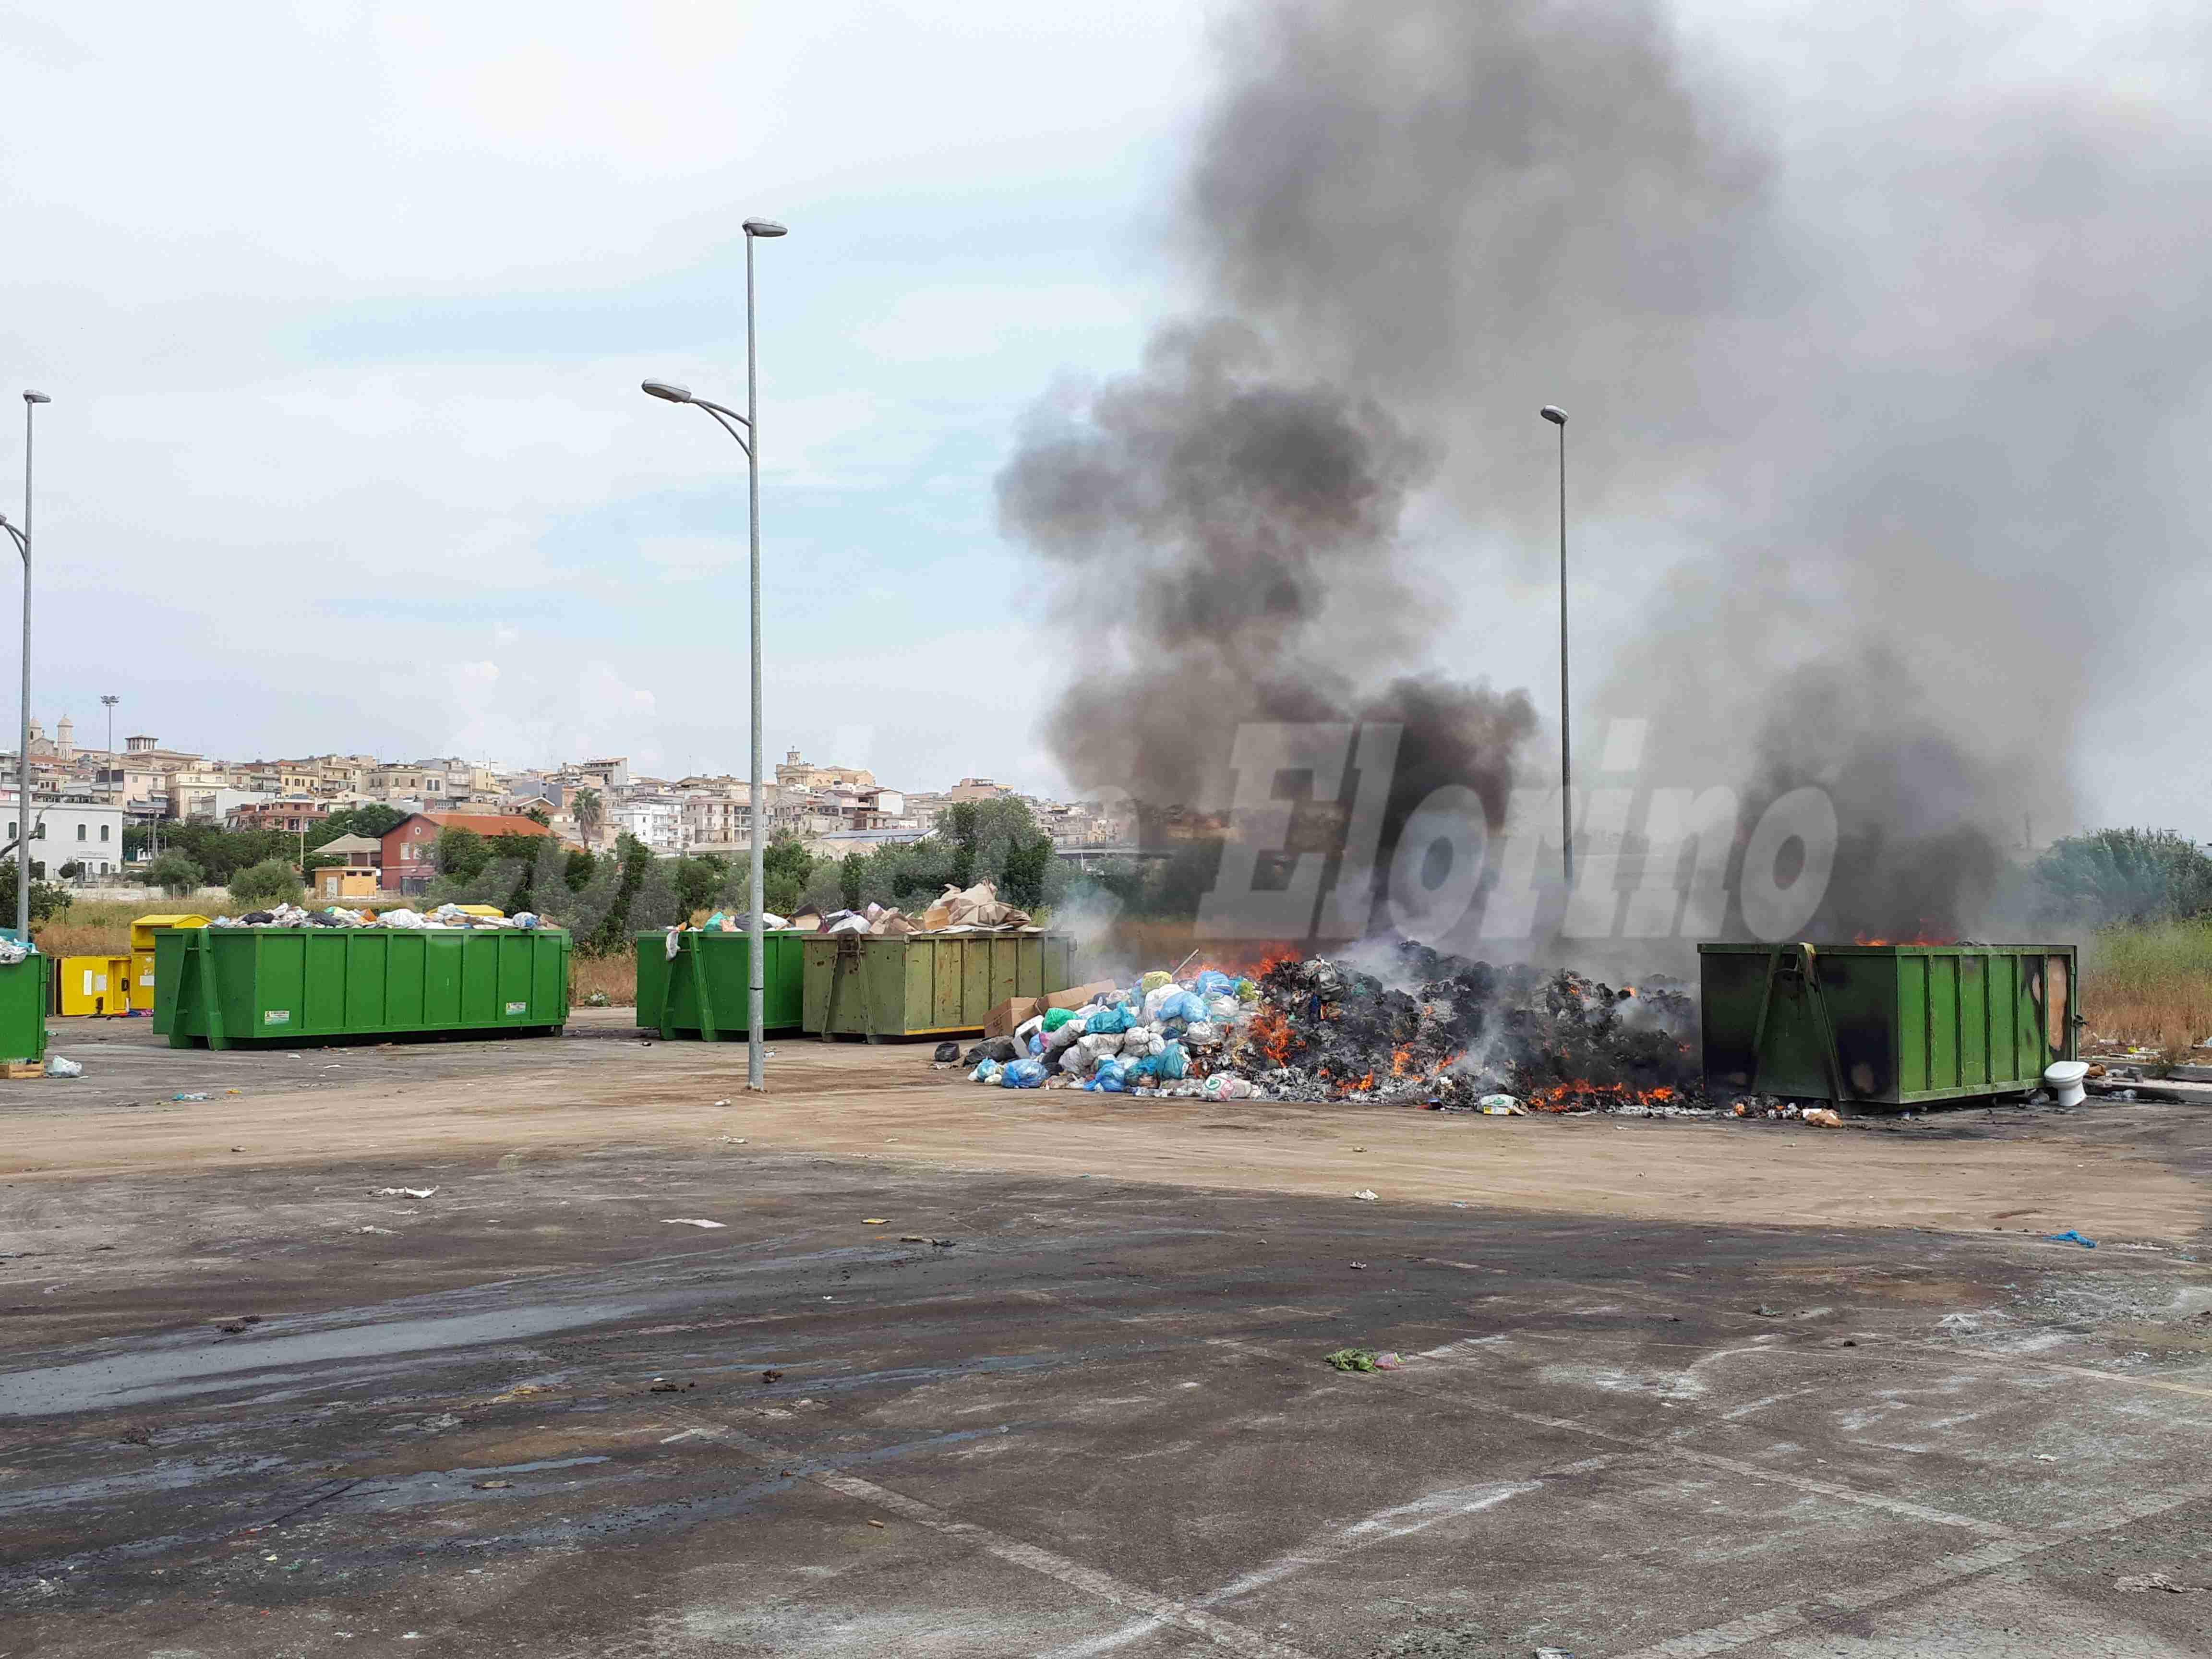 """L'area Pip trasformata in """"area spazzatura"""", continuamente in fiamme, e monta il caso politico"""